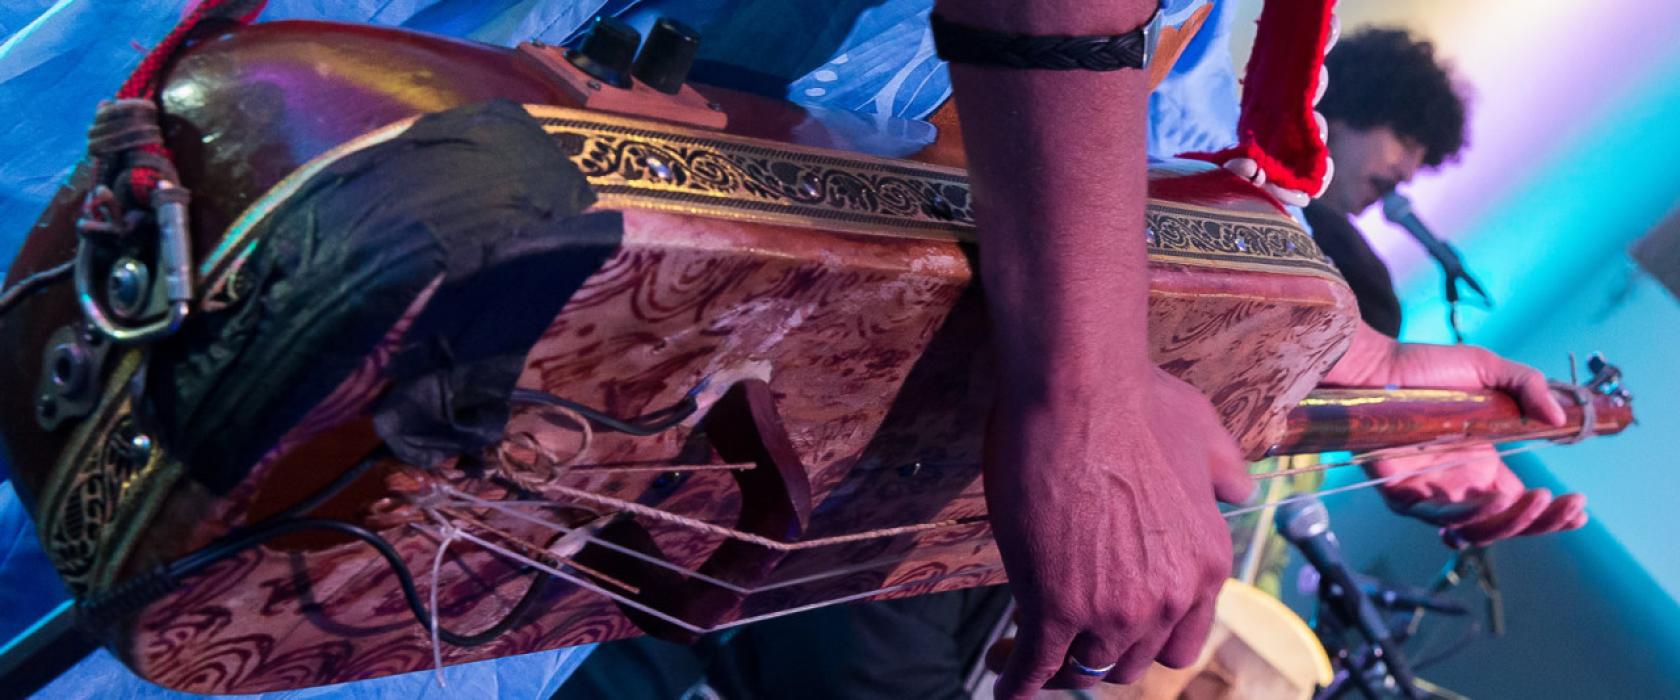 nomaden in muziek